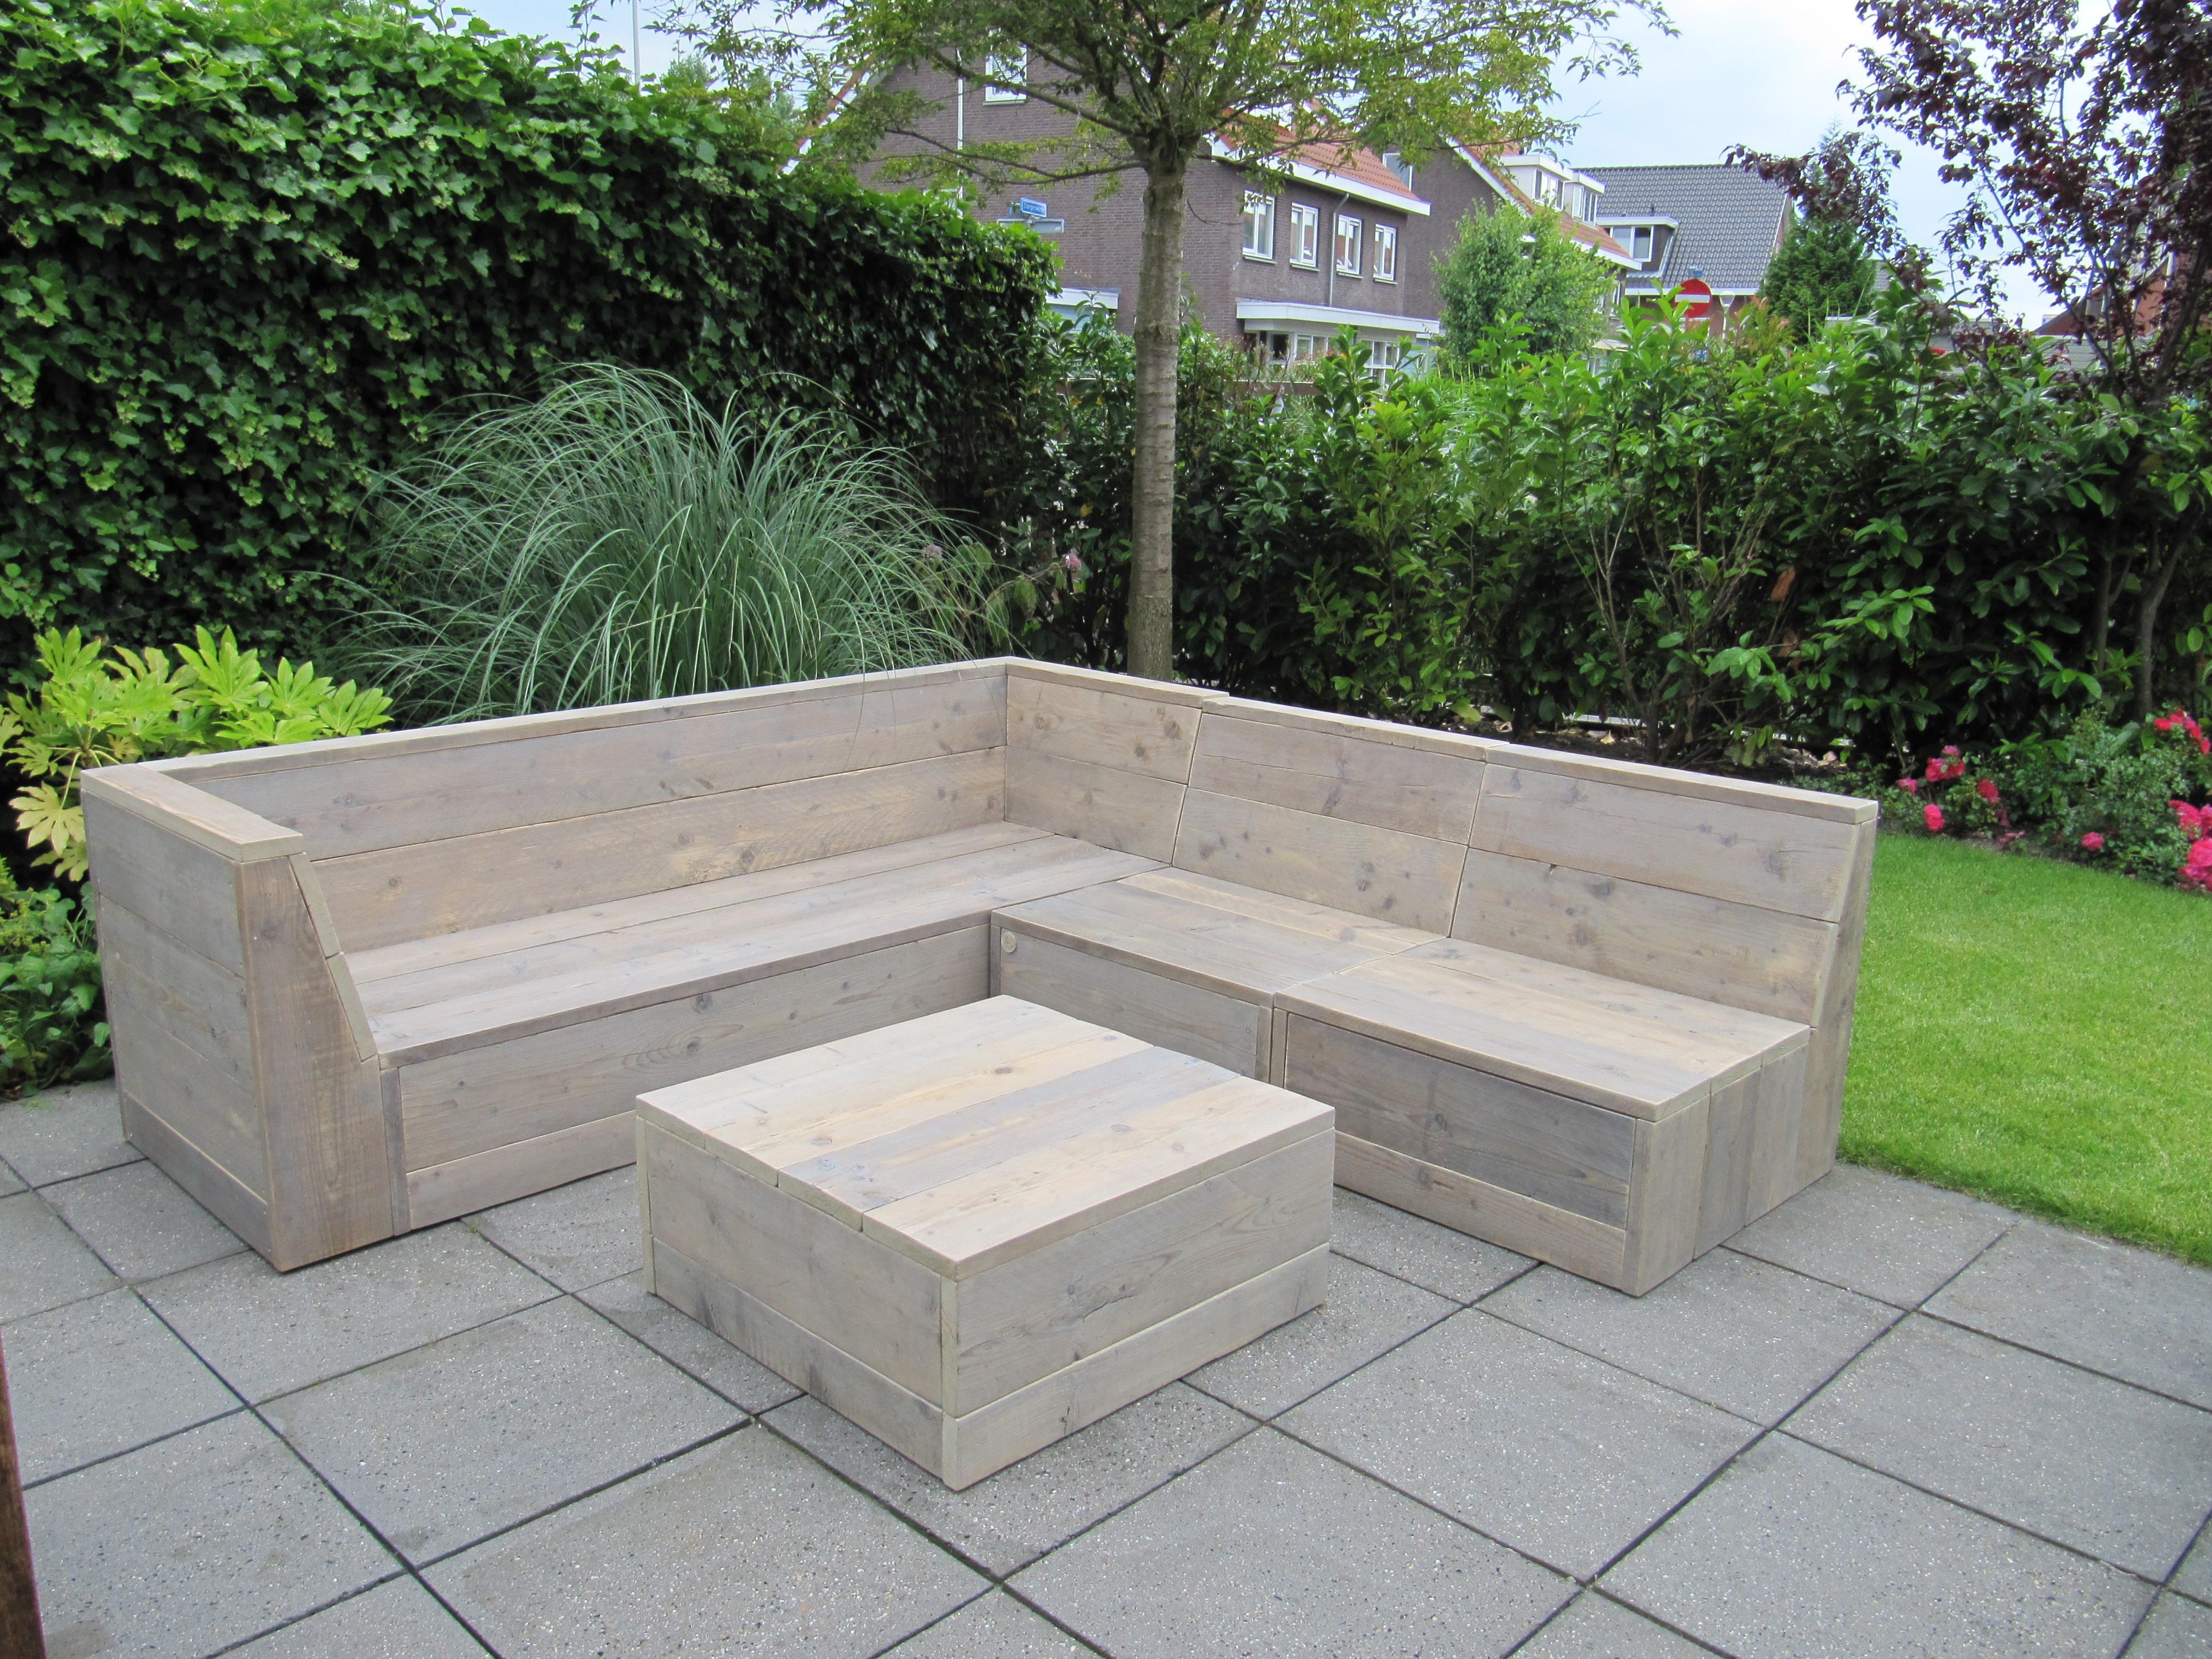 Tuinbank zelf maken eigen huis en tuin for Hoofdbord maken eigen huis en tuin